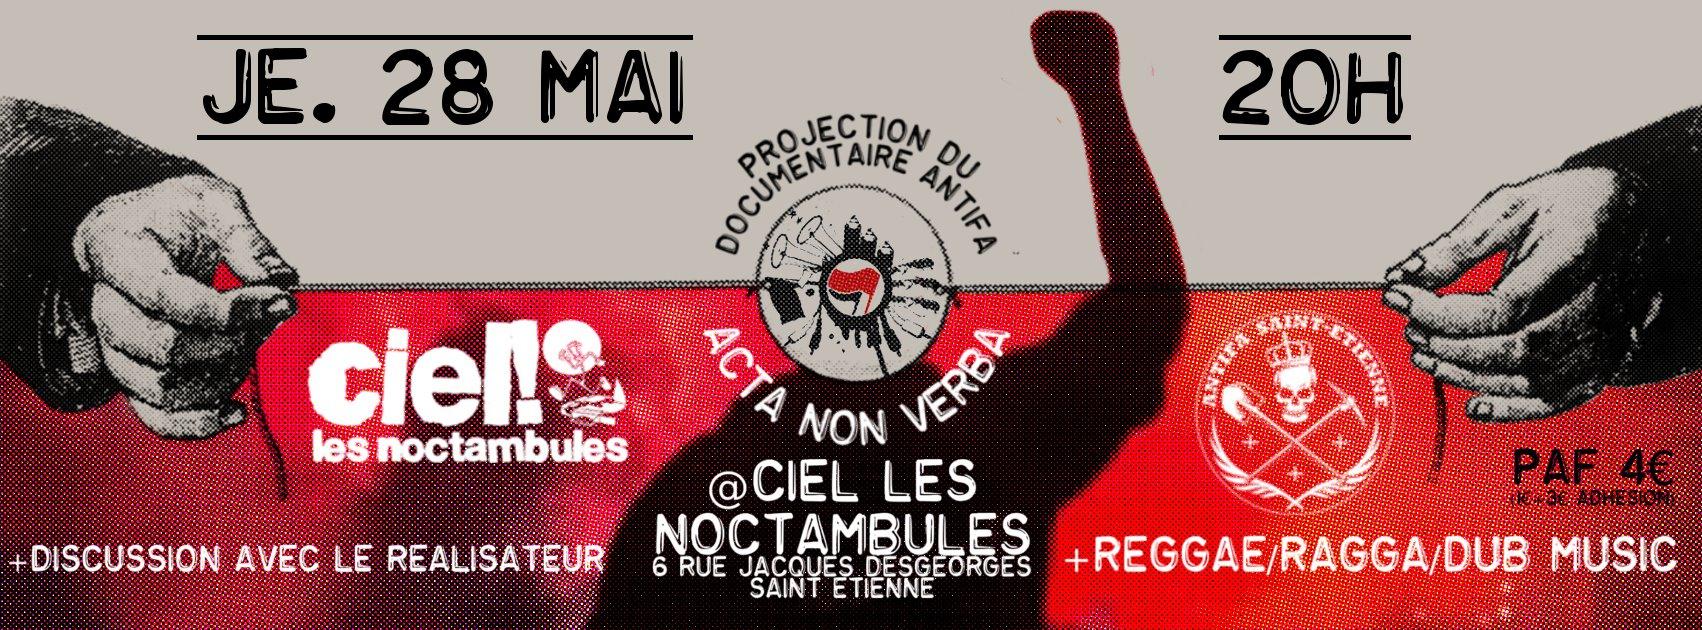 """PROJECTION DU DOCUMENTAIRE """"ACTA NON VERBA"""" @ NOCTAMBULE"""